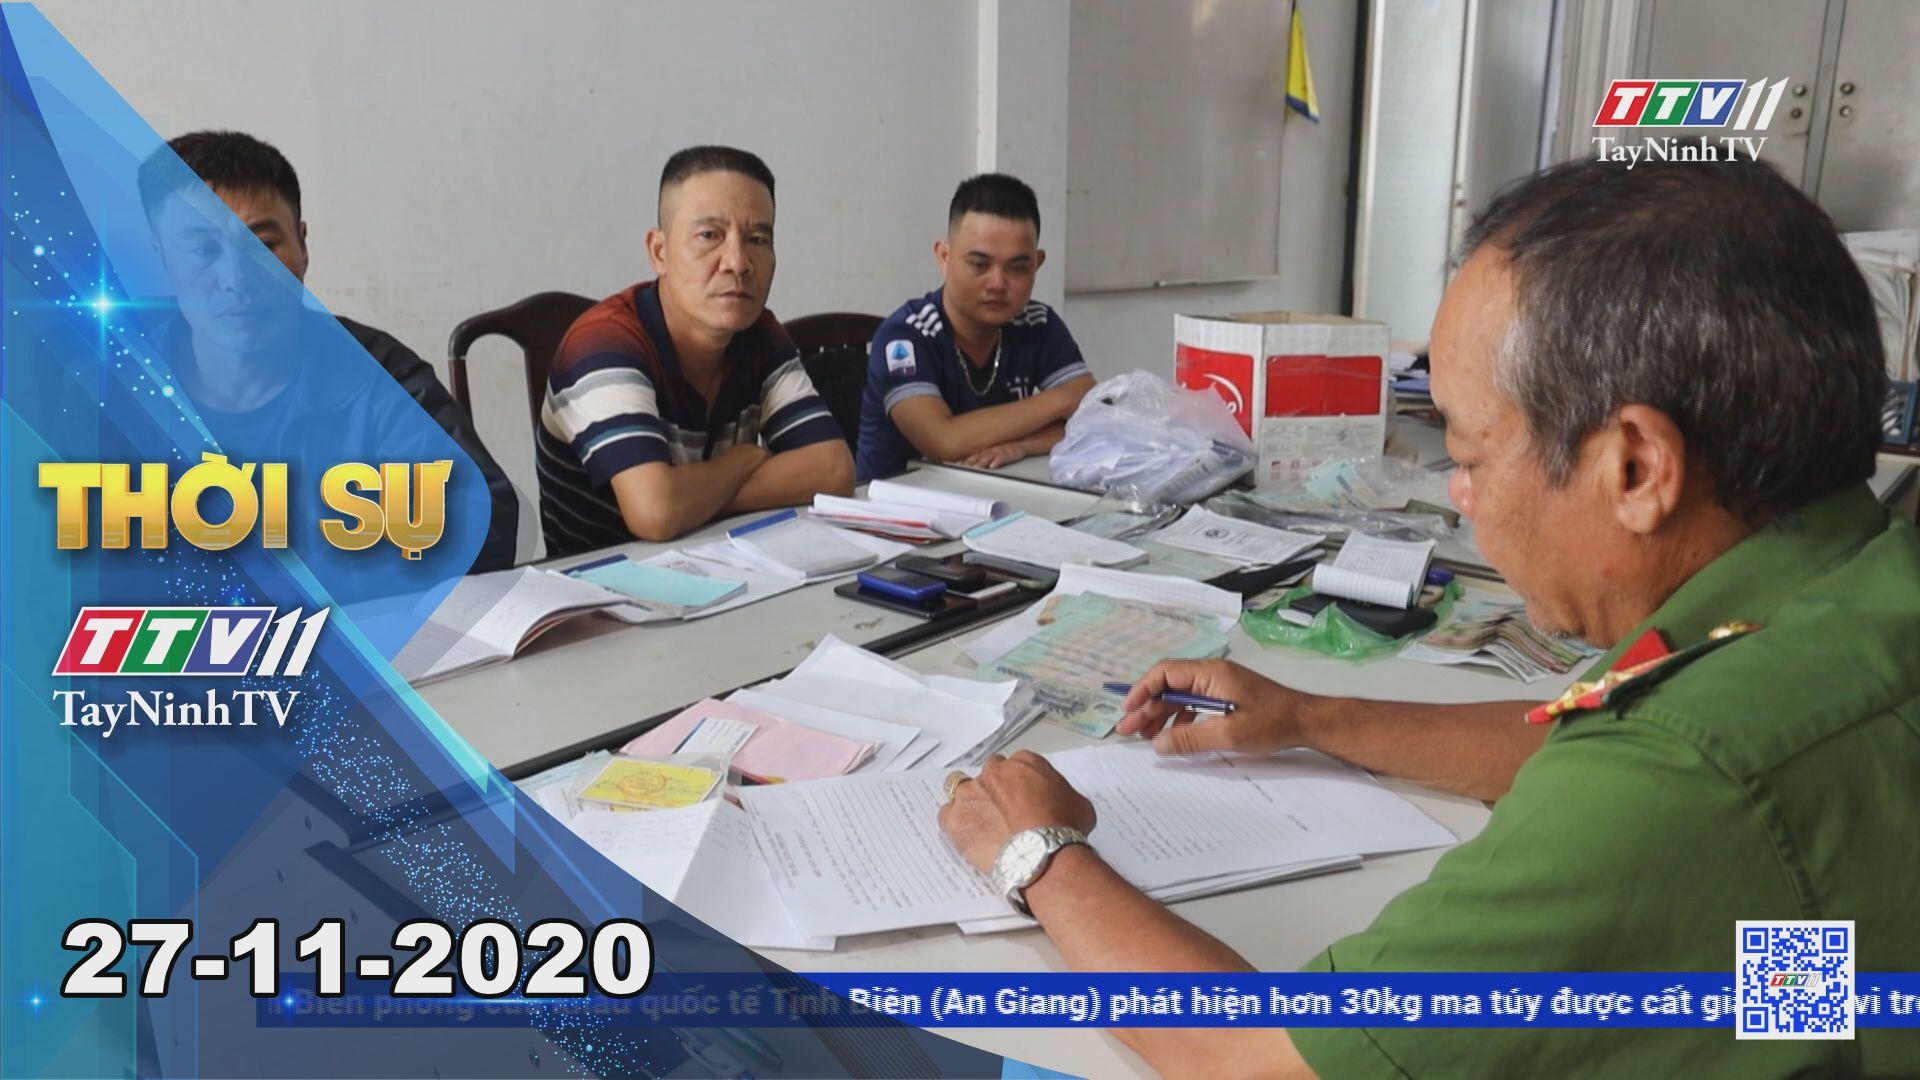 Thời sự Tây Ninh 27-11-2020 | Tin tức hôm nay | TayNinhTV